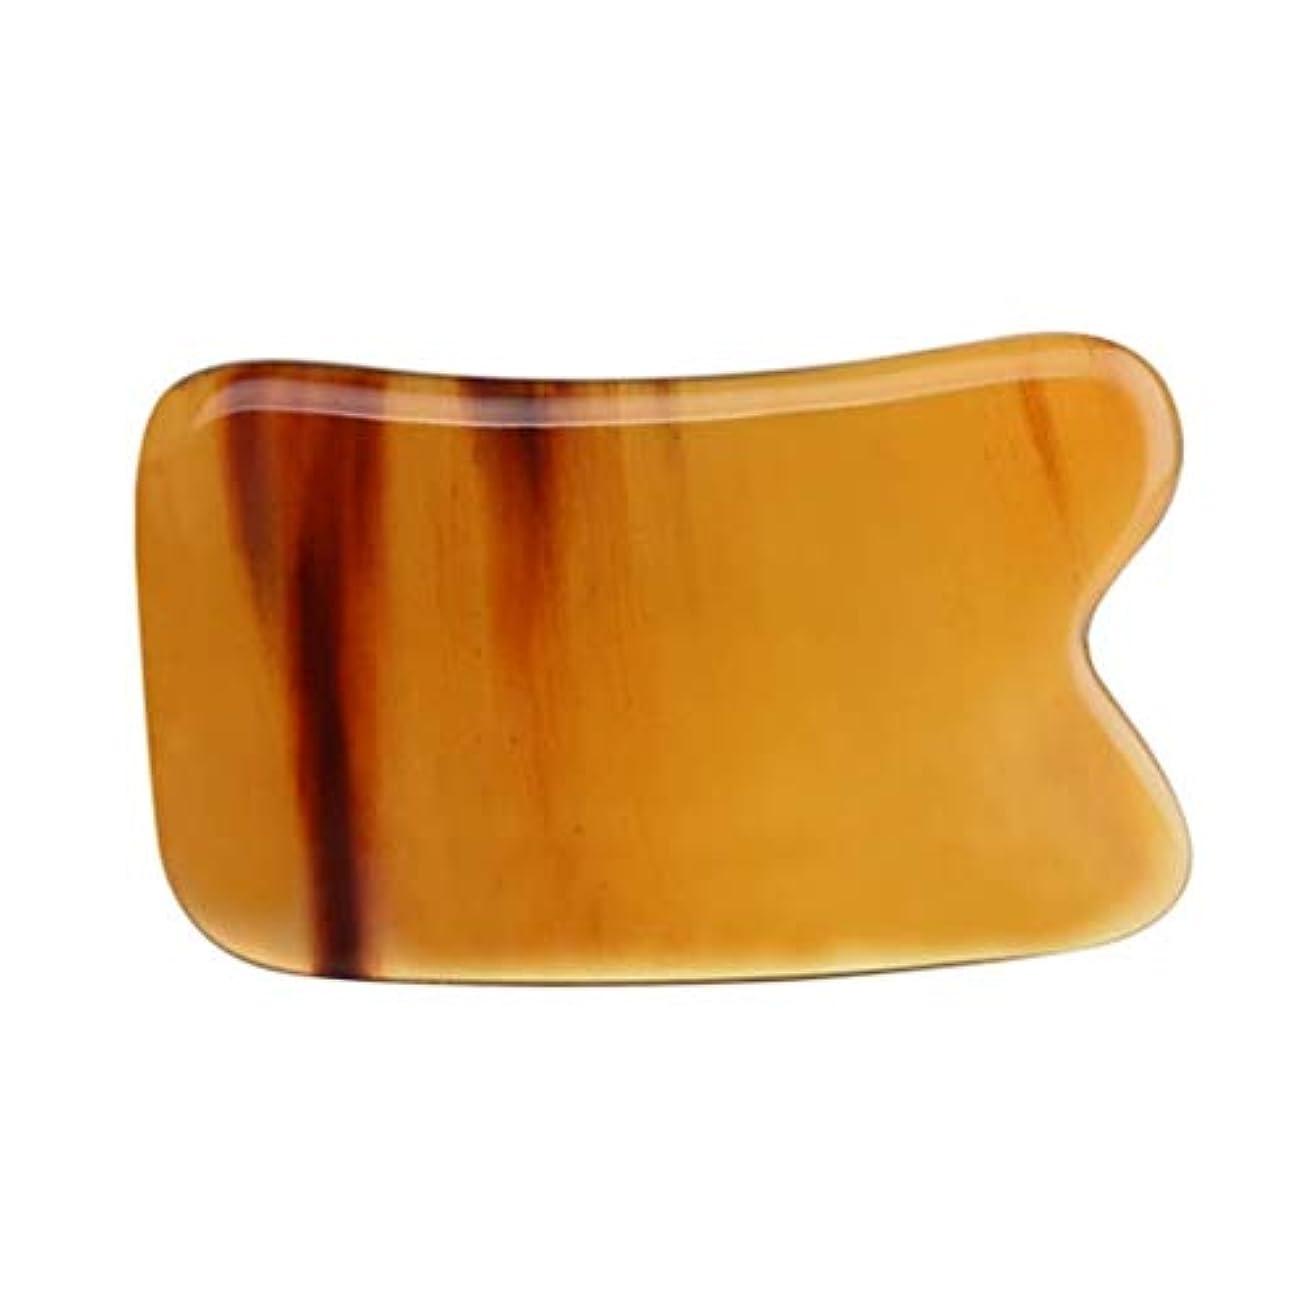 セメント化粧試みるGua Shaスクレイピングマッサージツール-最高品質の手作りバッファローホーンGuashaボード-首と筋肉の痛みを軽減し、機動性を向上 (Size : 4mm)